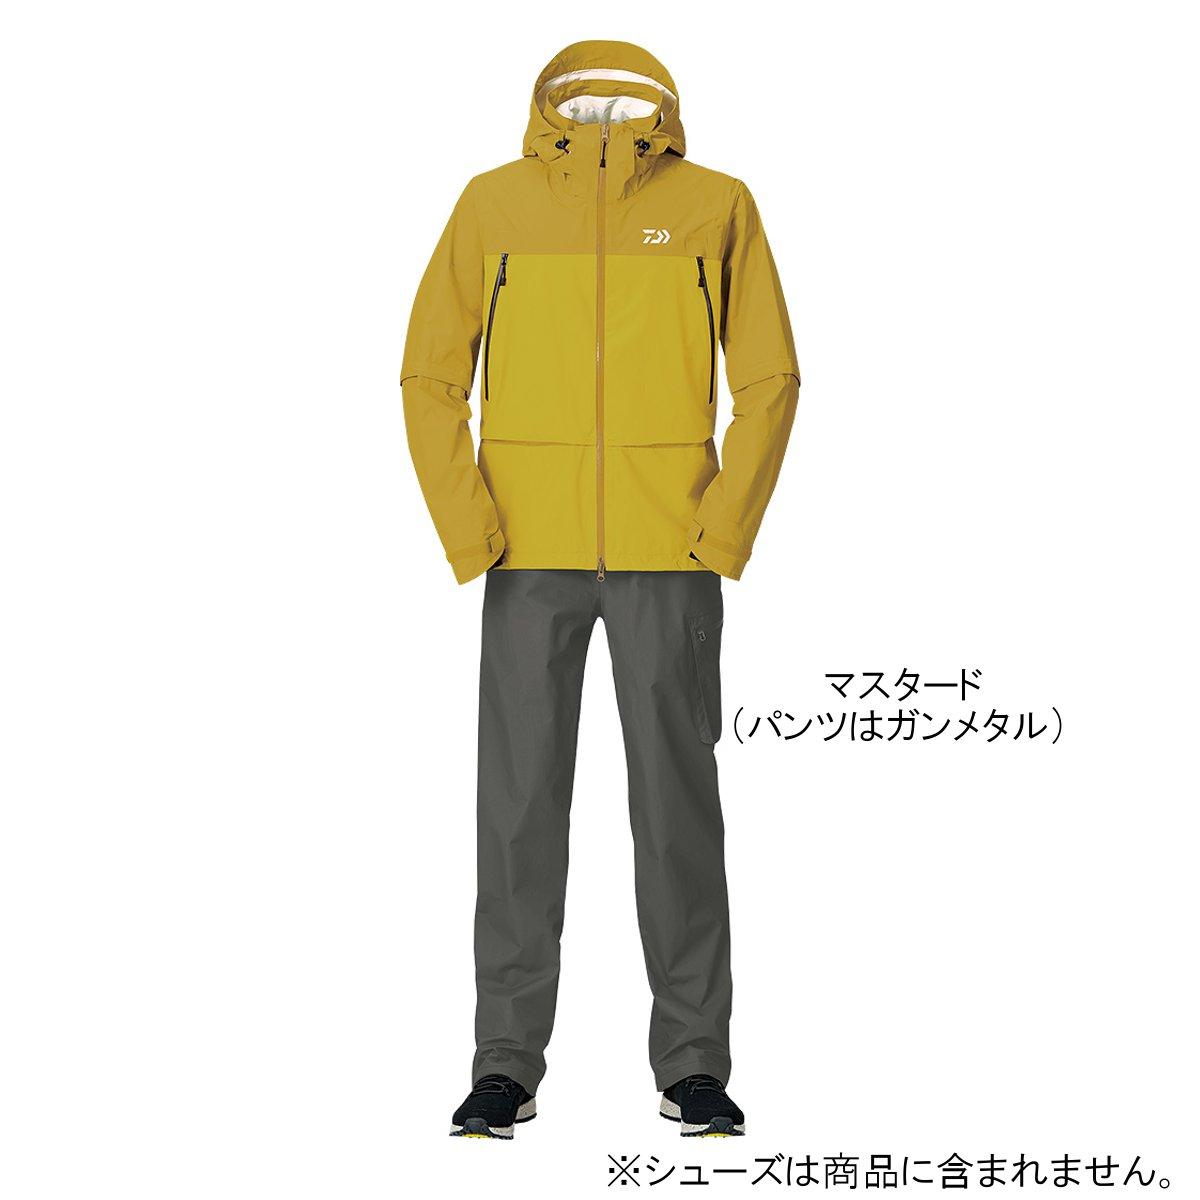 ダイワ レインマックス デタッチャブルレインスーツ DR-30009 M マスタード【送料無料】